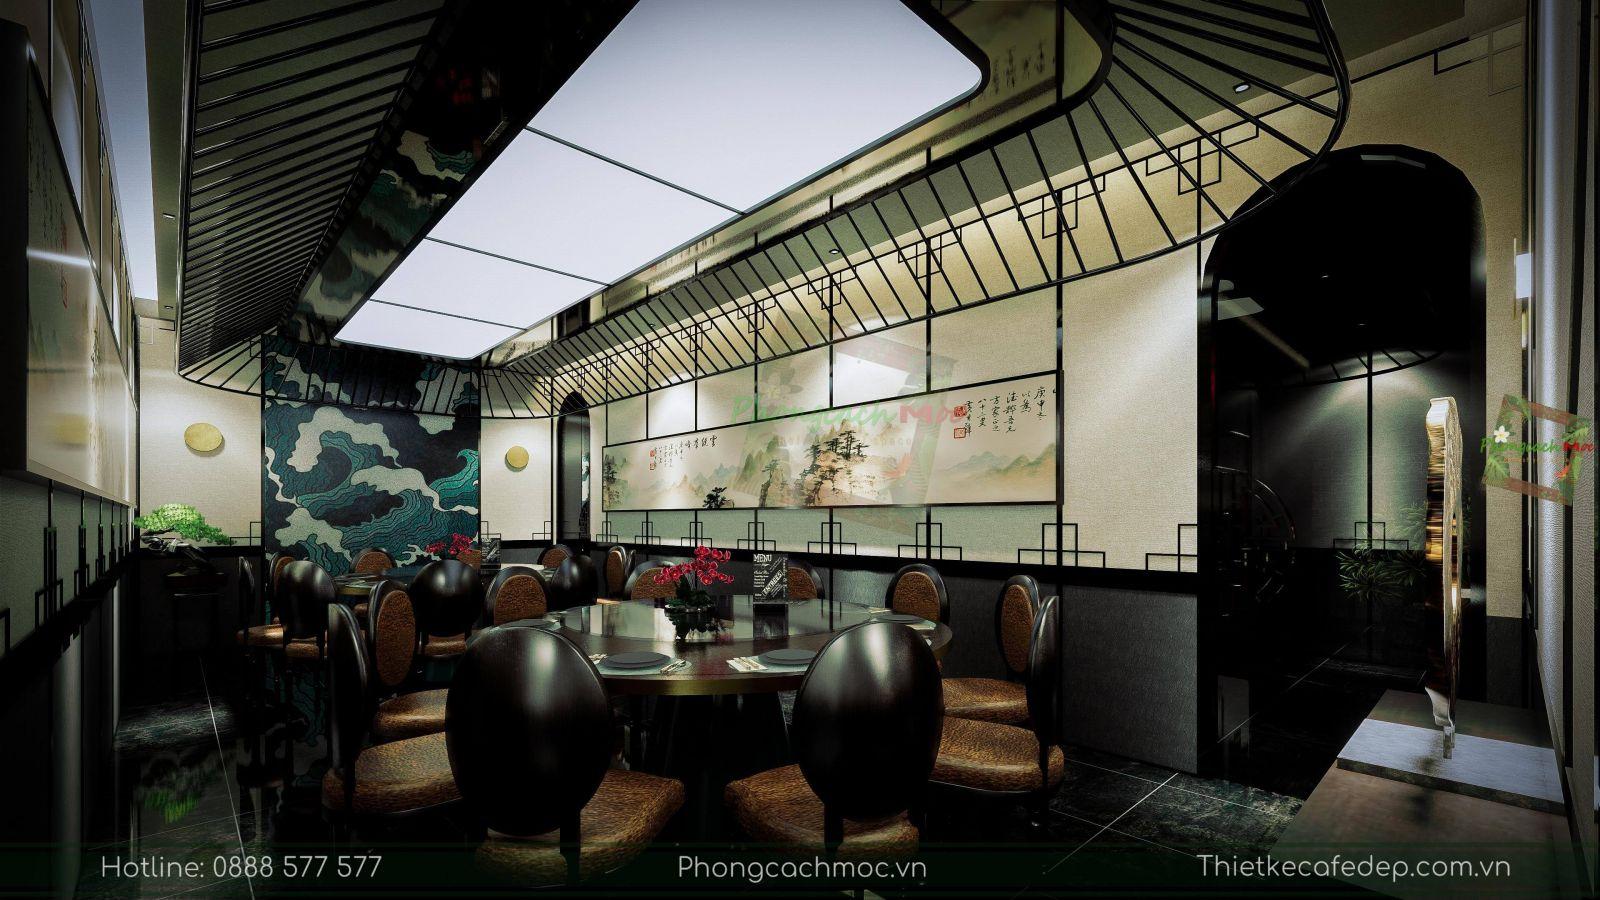 thiết kế nhà hàng trung hoa - nội thất phòng vip 2